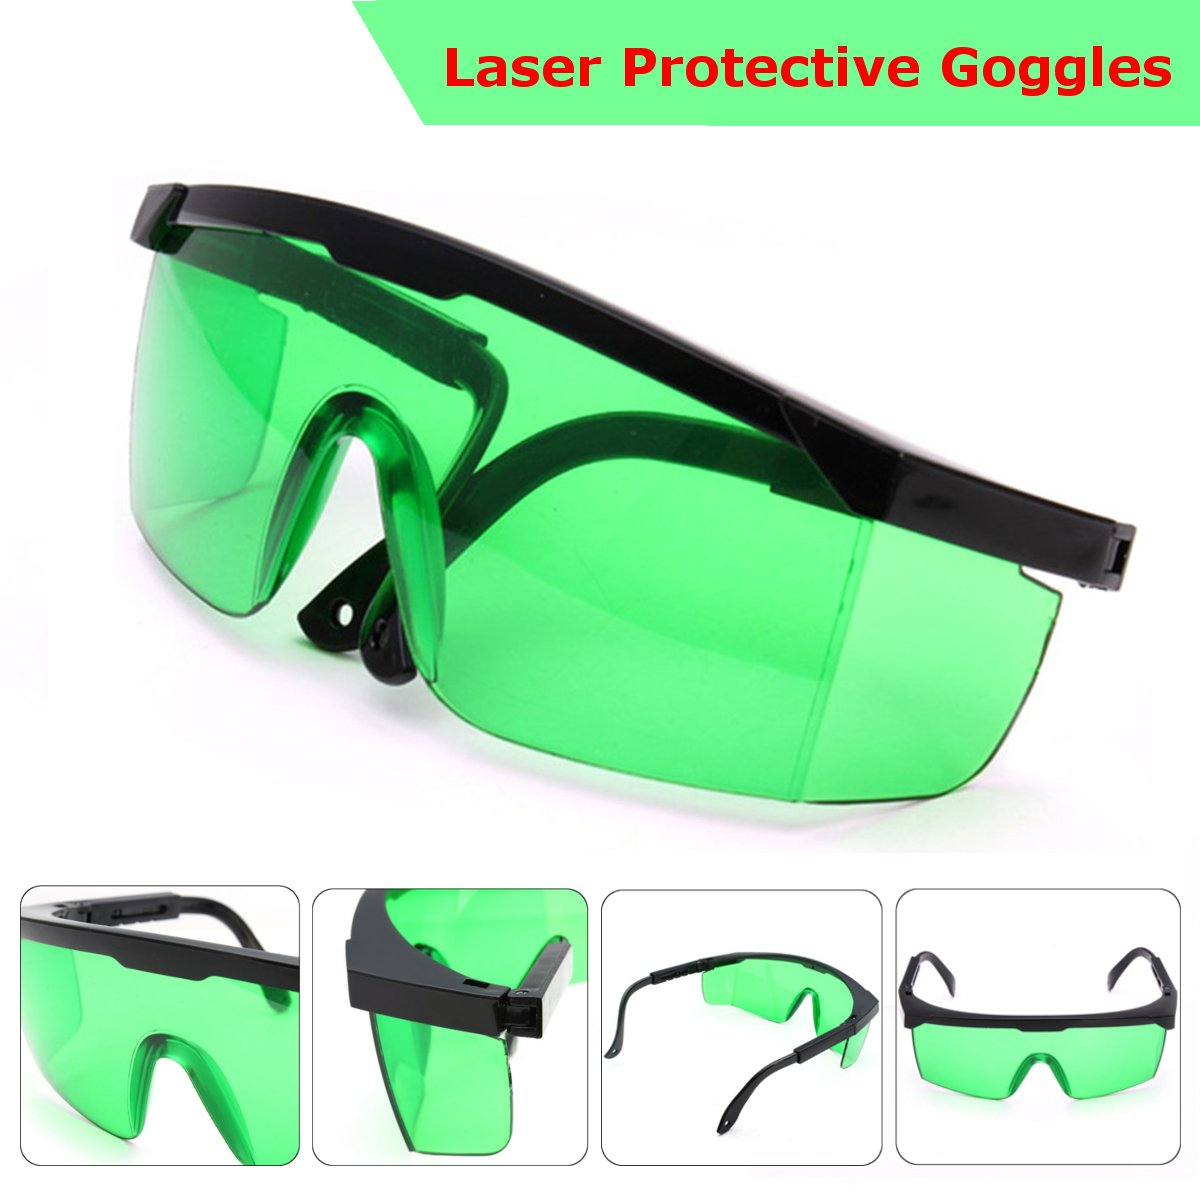 Лазерные защитные очки для фиолетового/синего цвета 200-450нм поглощающие круглые защитные очки лазерные защитные очки